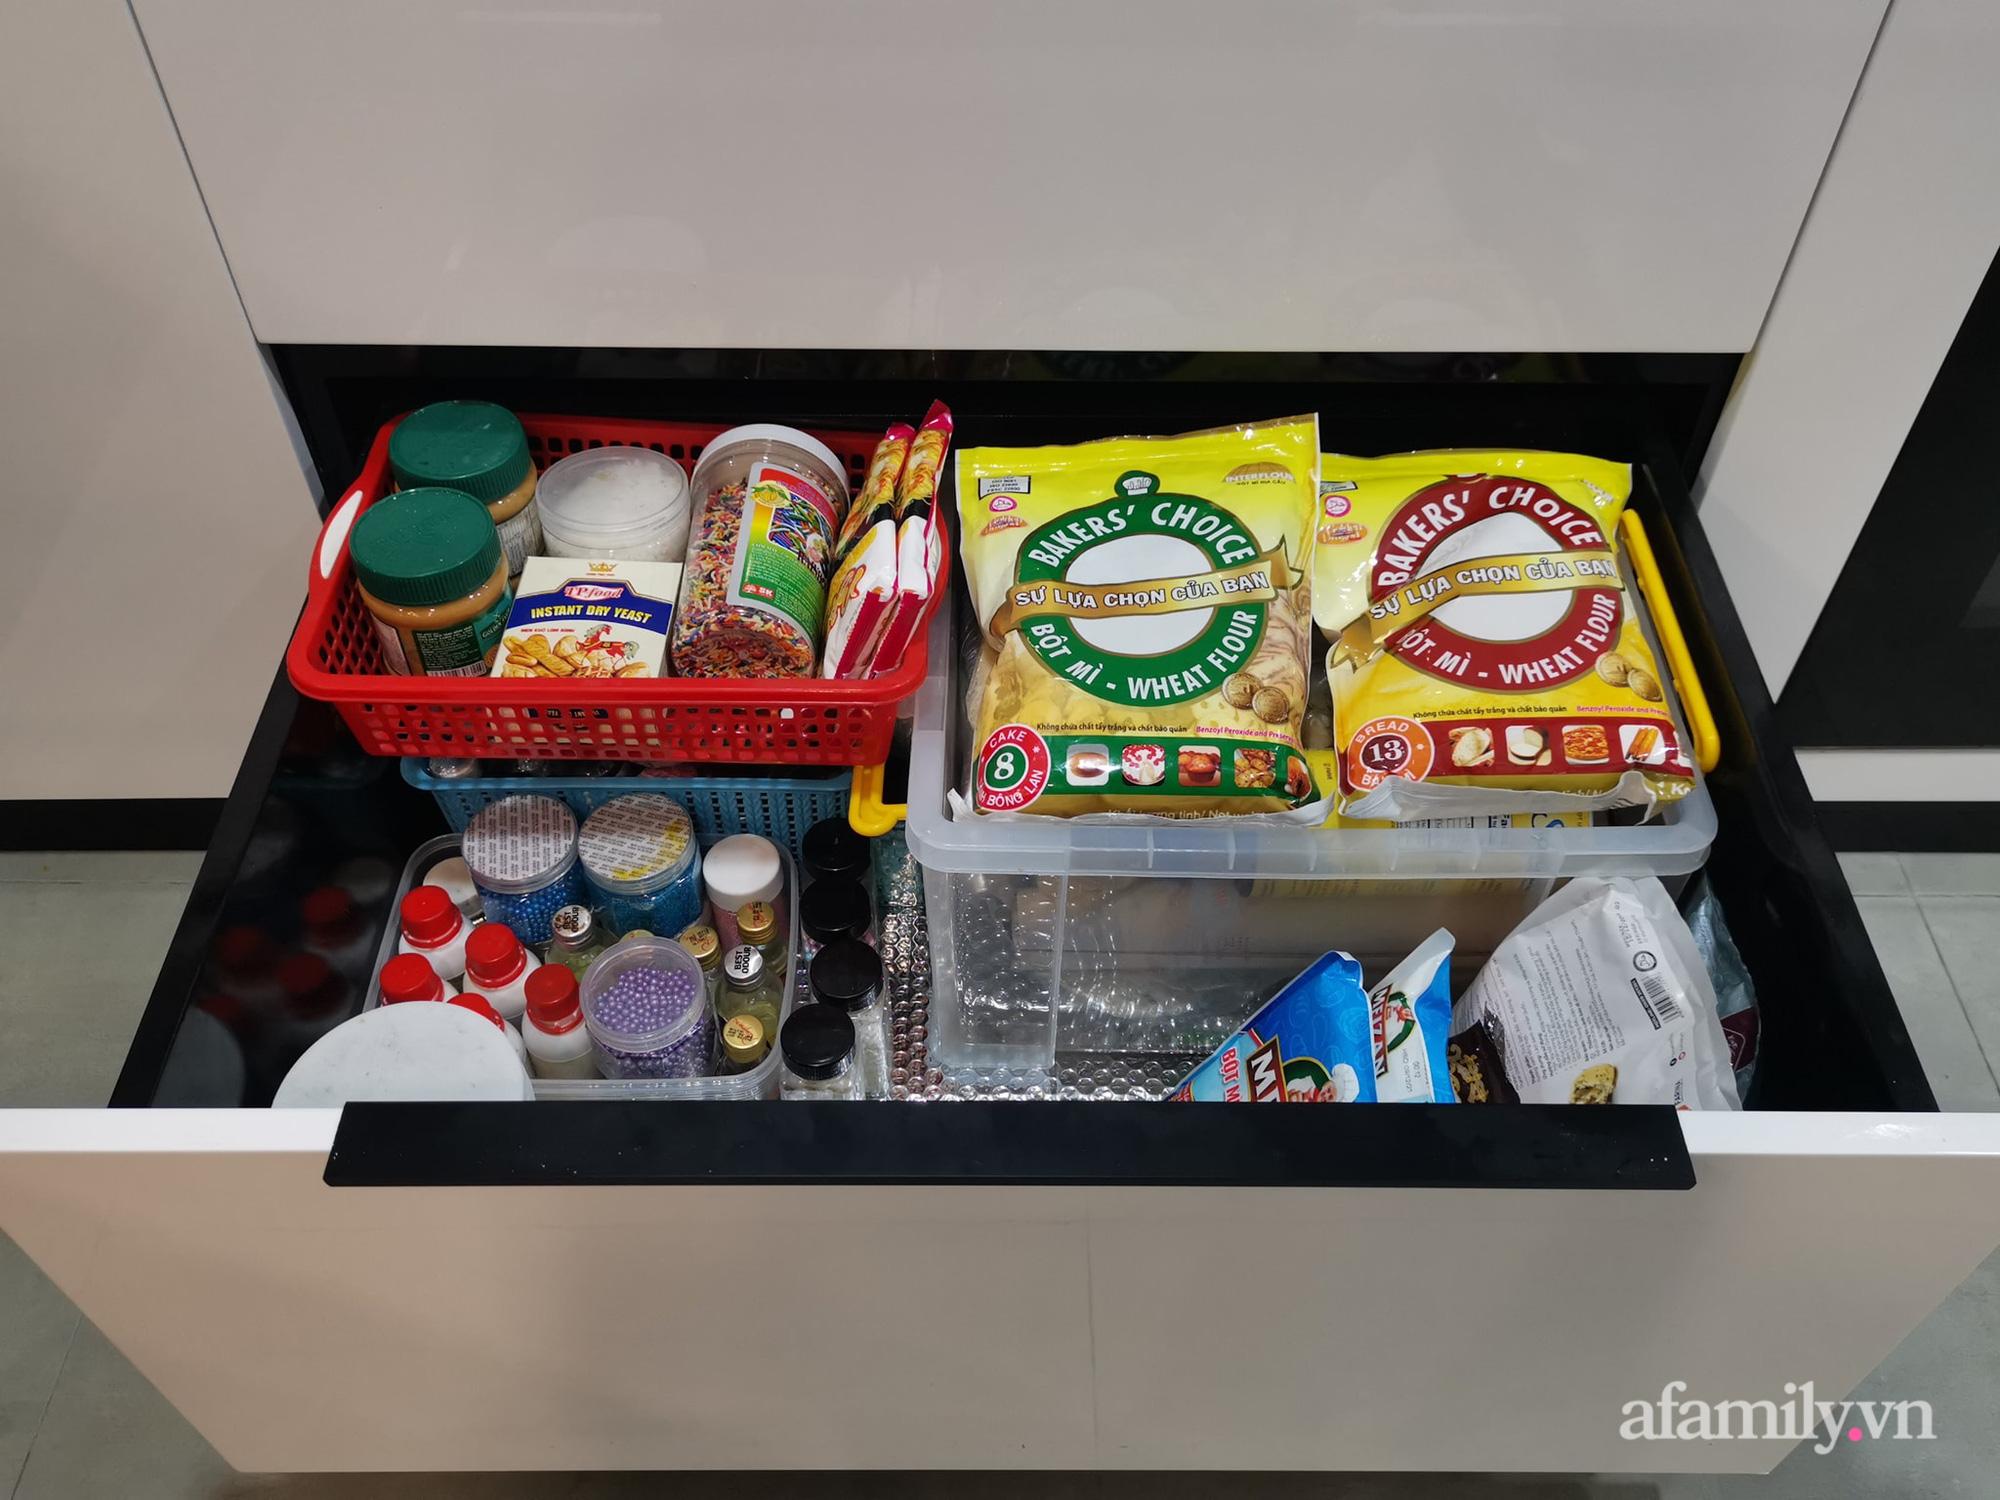 """Căn bếp 13m2 chứa """"tỉ thứ đồ"""" bên trong nhờ thiết kế """"hệ giấu"""" thông minh của người phụ nữ Hà Nội - Ảnh 12."""